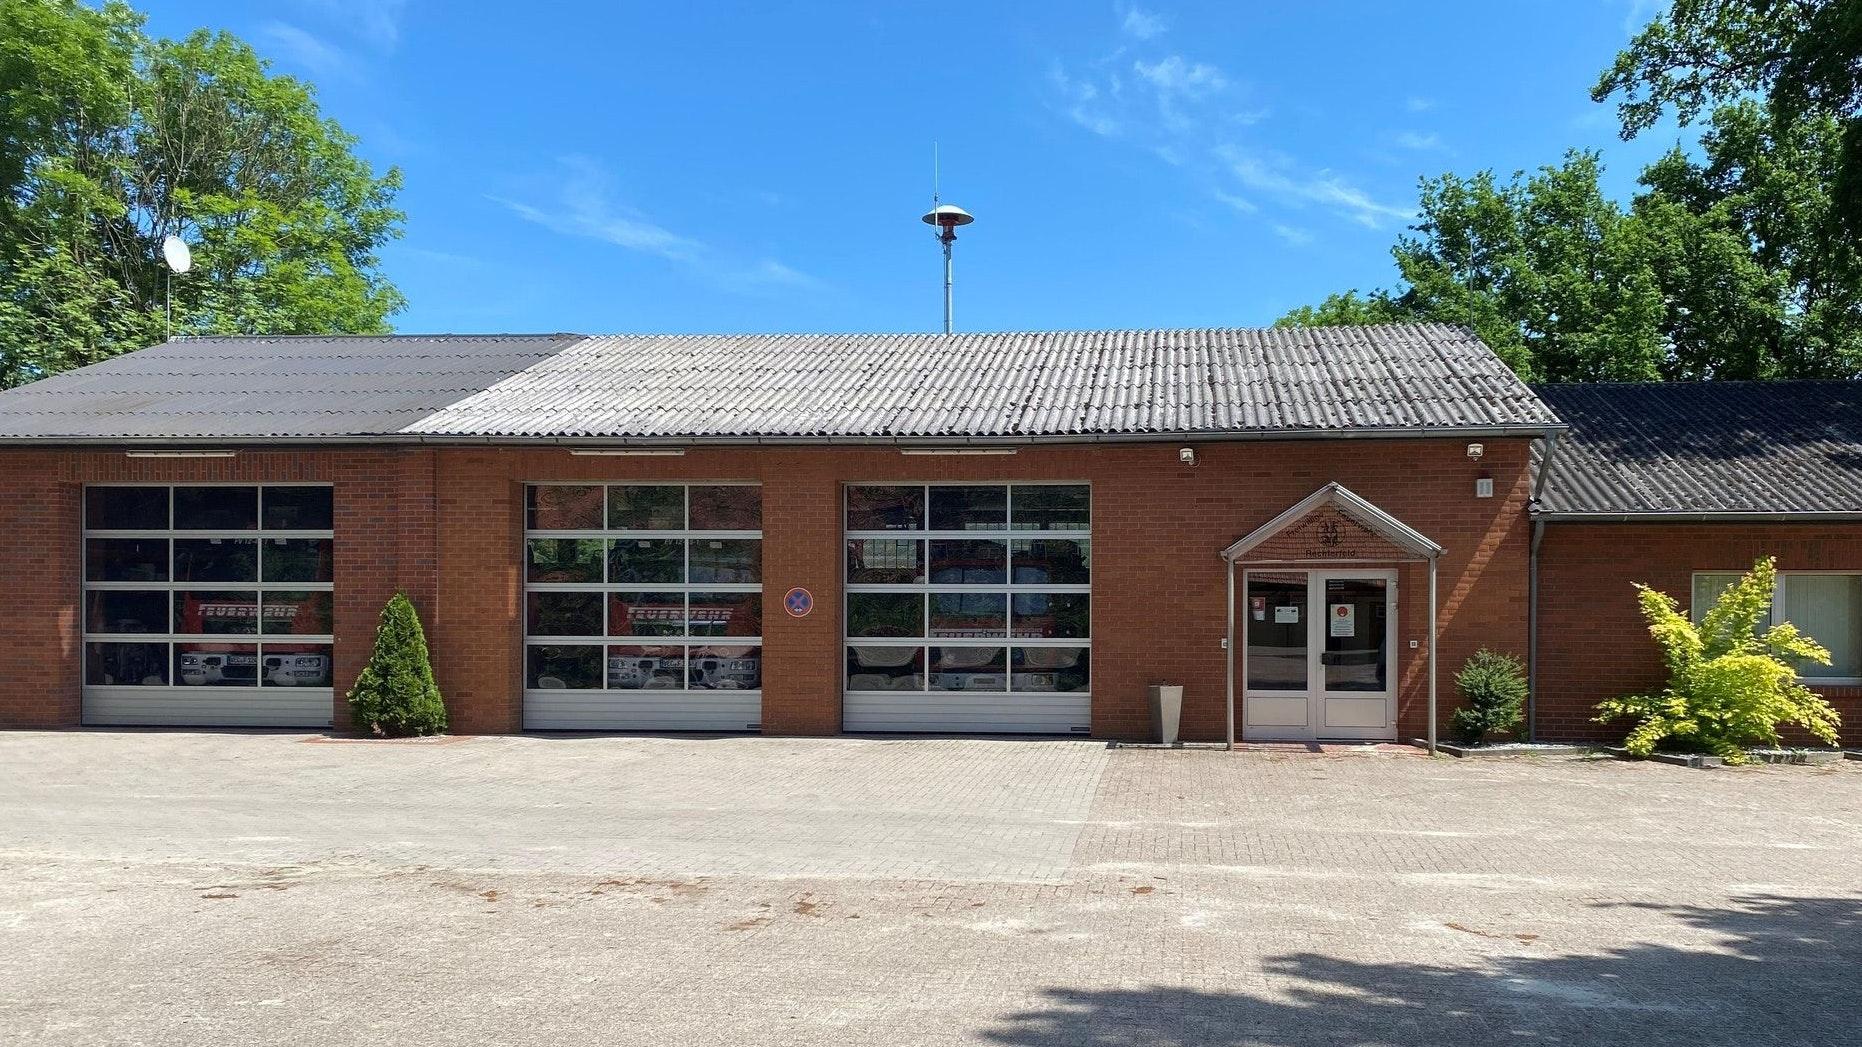 Der aktuelle Standort der Feuerwehr Rechterfeld: Das Gebäude wurde 1979 erbaut. Foto: Reinke/Feuerwehr Rechterfeld